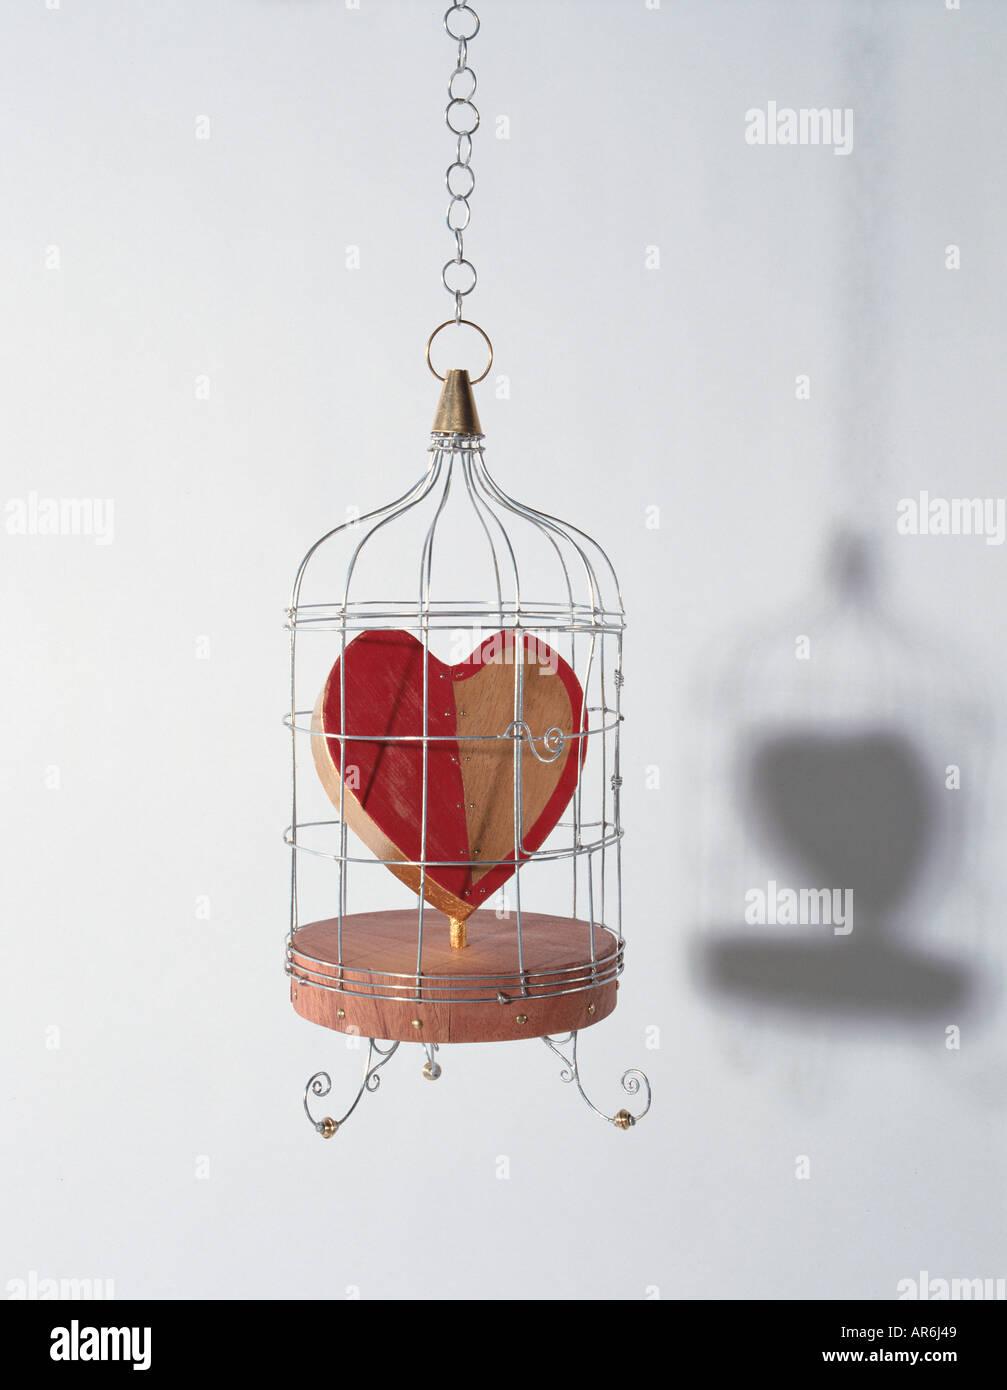 Amor de madera Colgante corazón atrapado en una forma de jaula de metal, corazón pintado mitad rojo, base Imagen De Stock